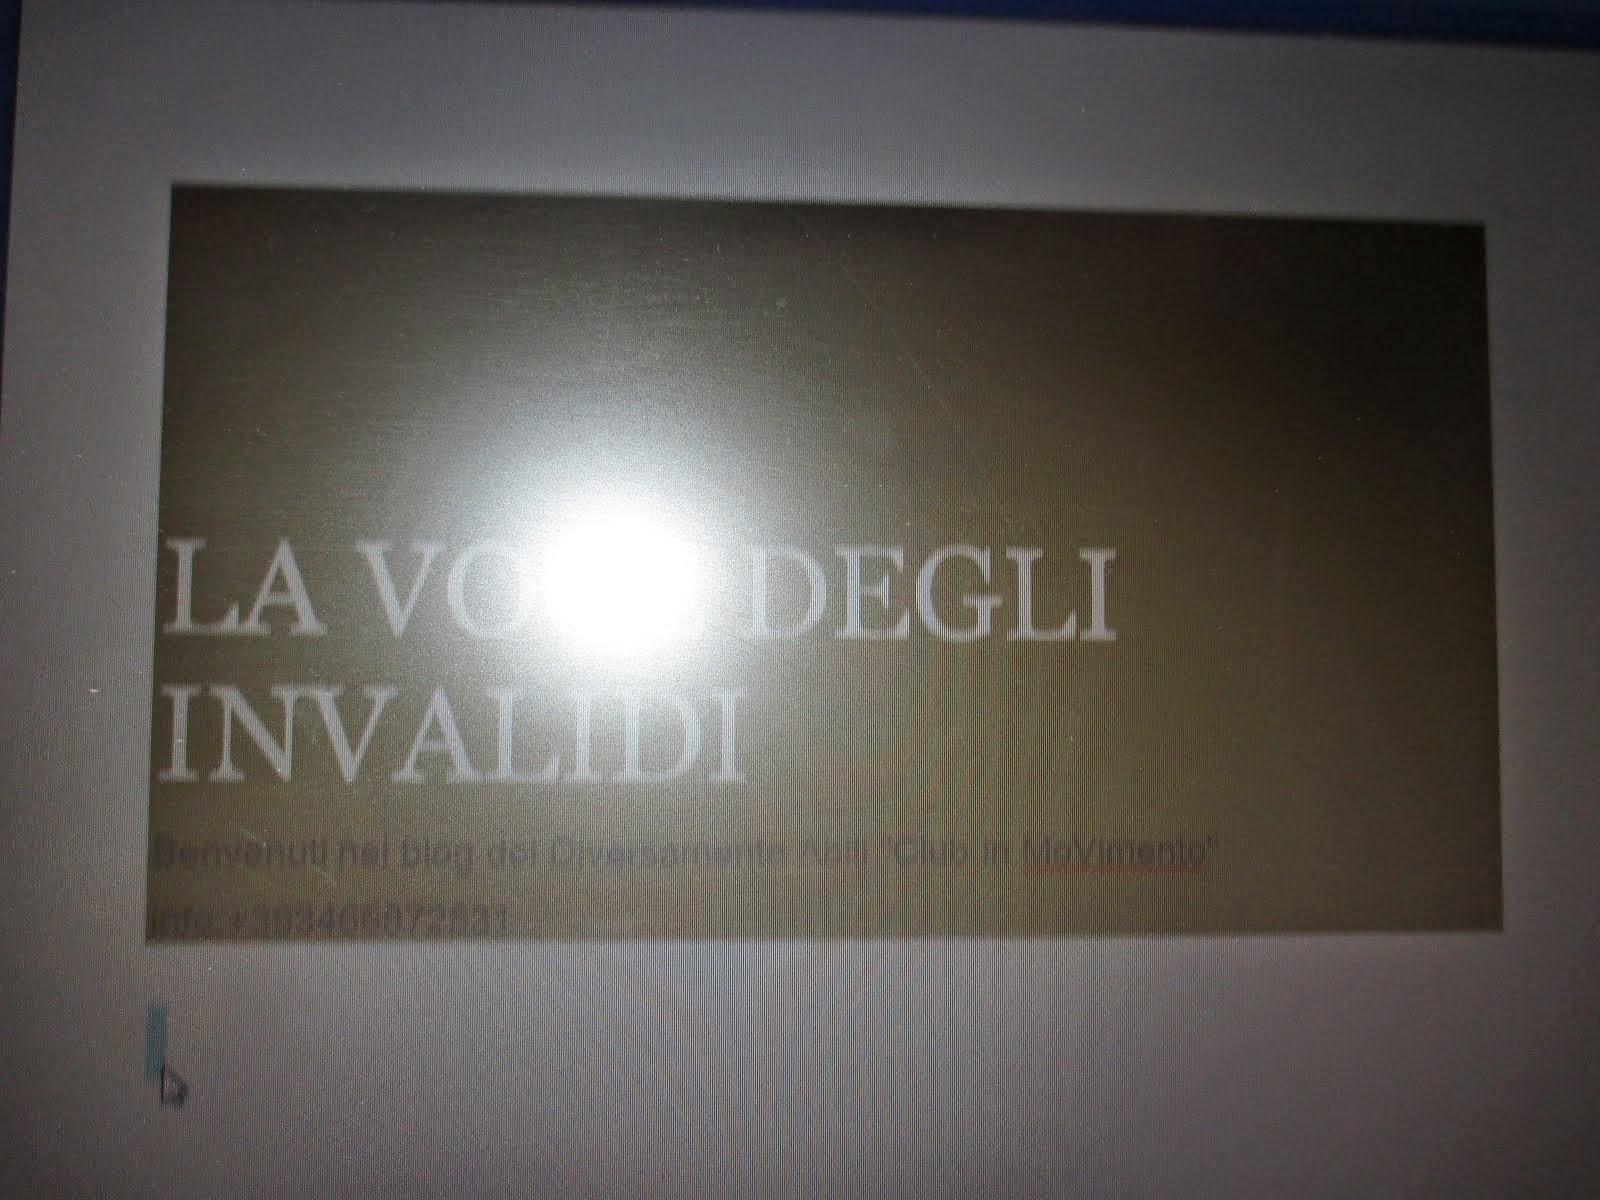 Newsletter - La Voce Degli Invalidi